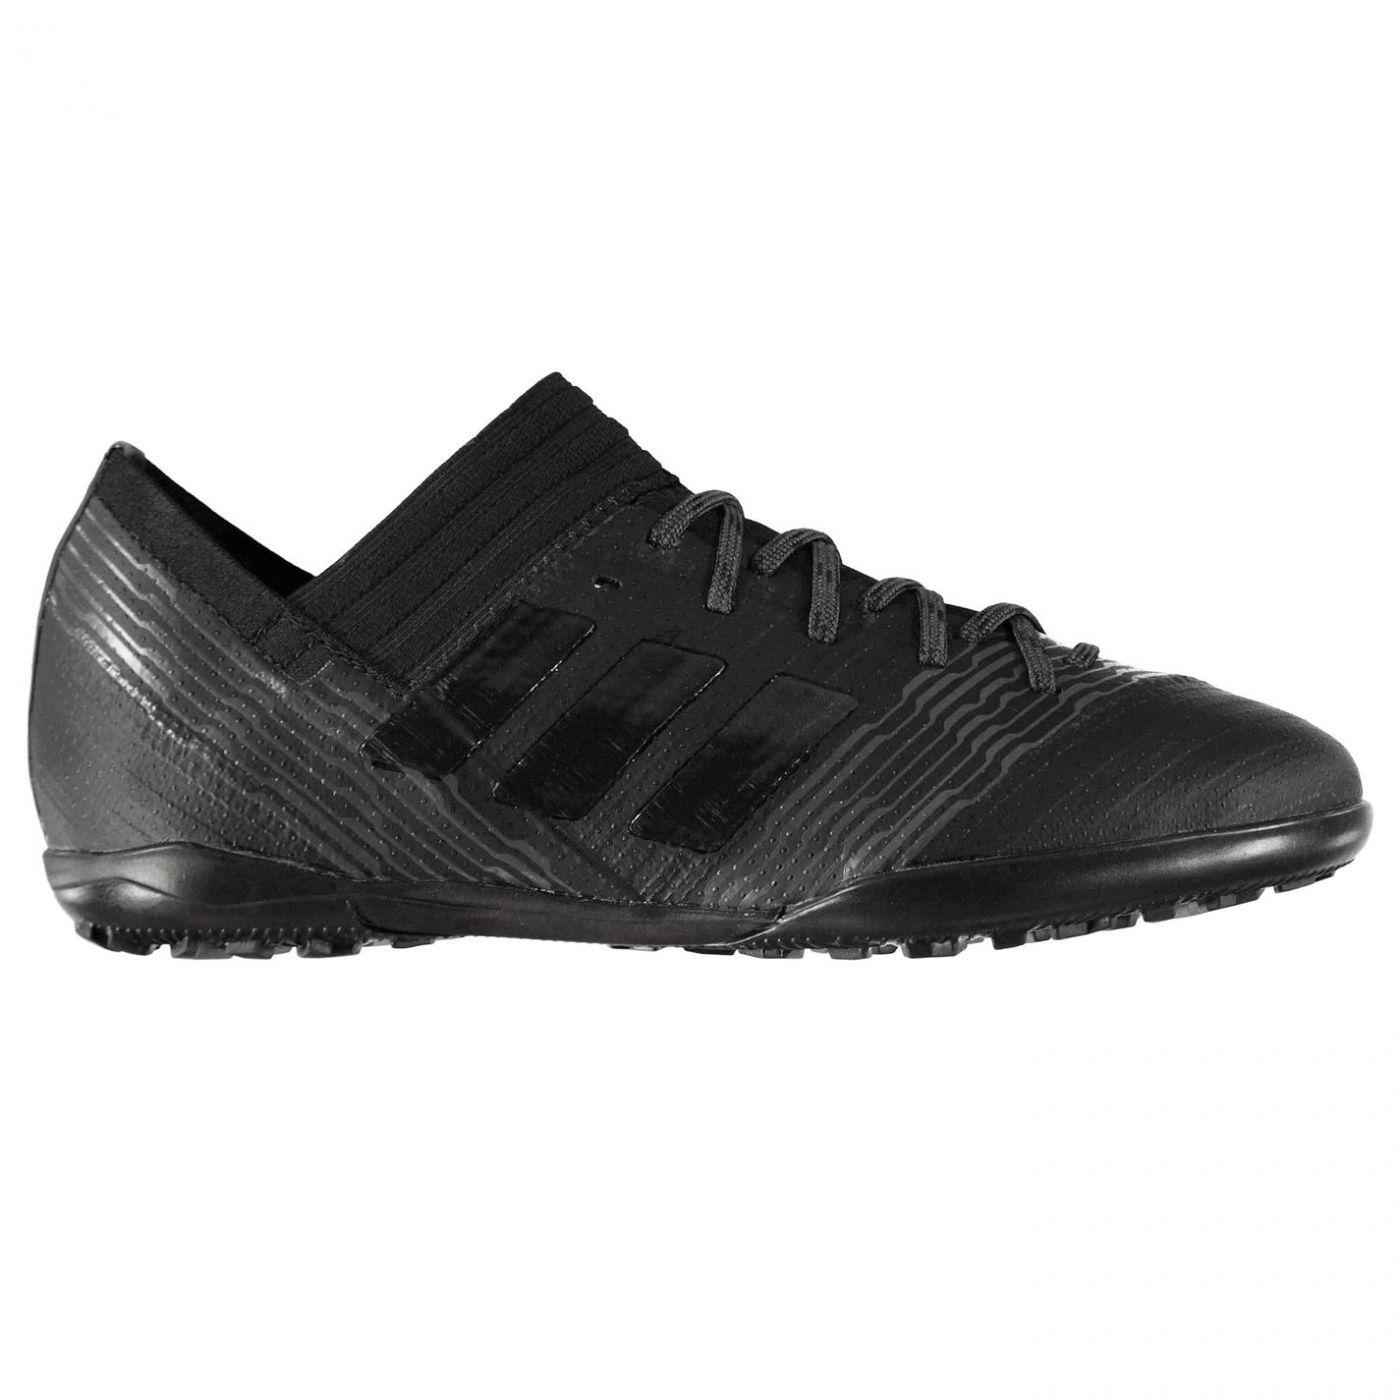 Adidas Nemeziz 17.3 Junior Astro Turf Trainers